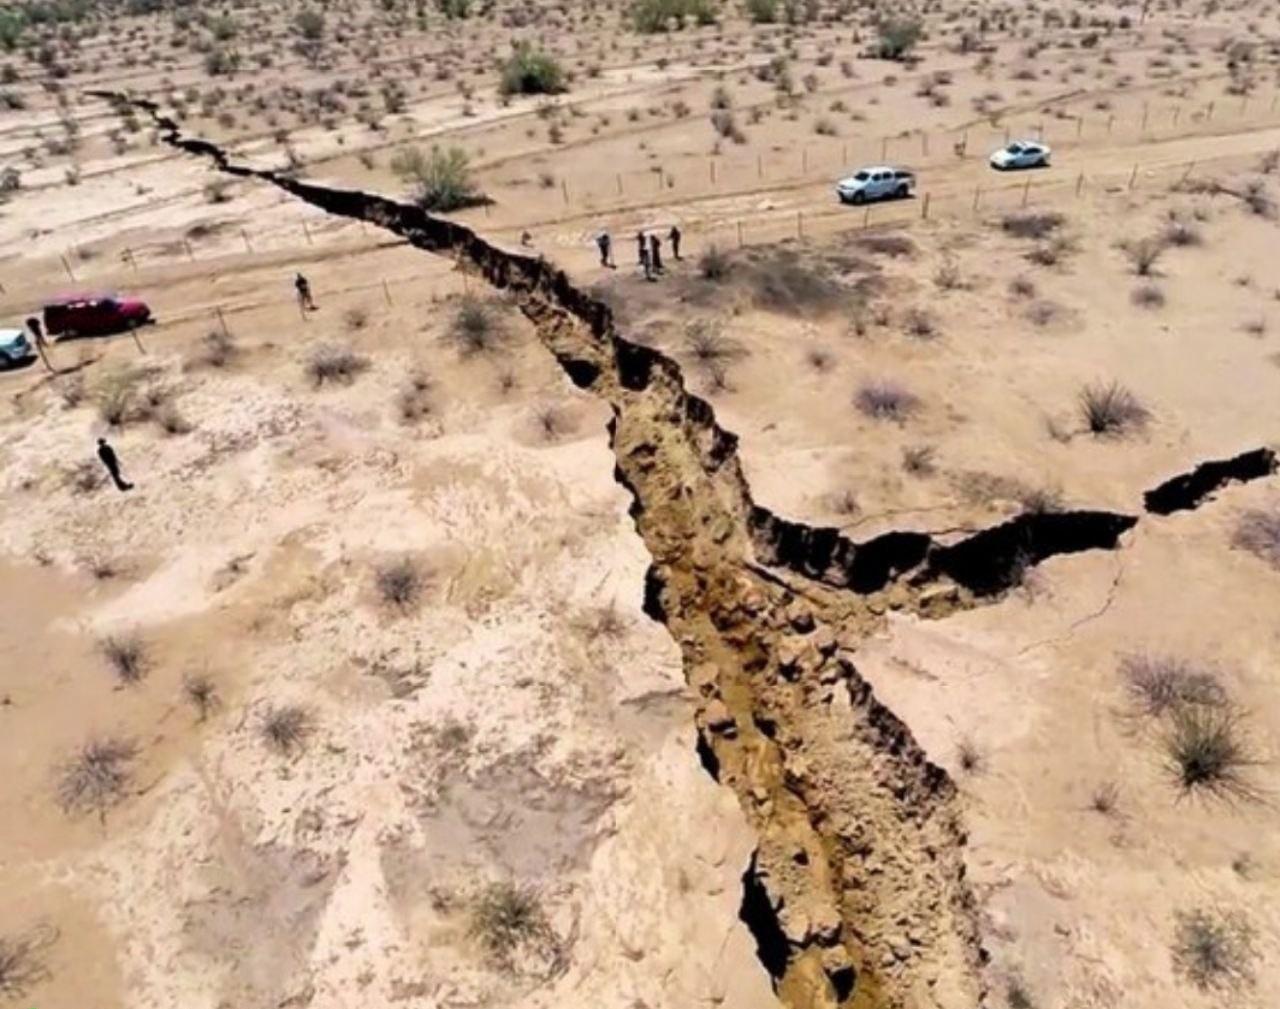 عامل اصلی بروز زلزله آزاد شدن انرژی بین گسلها است/ جاذبه ماه و خورشید تاثیر ناچیزی دارد